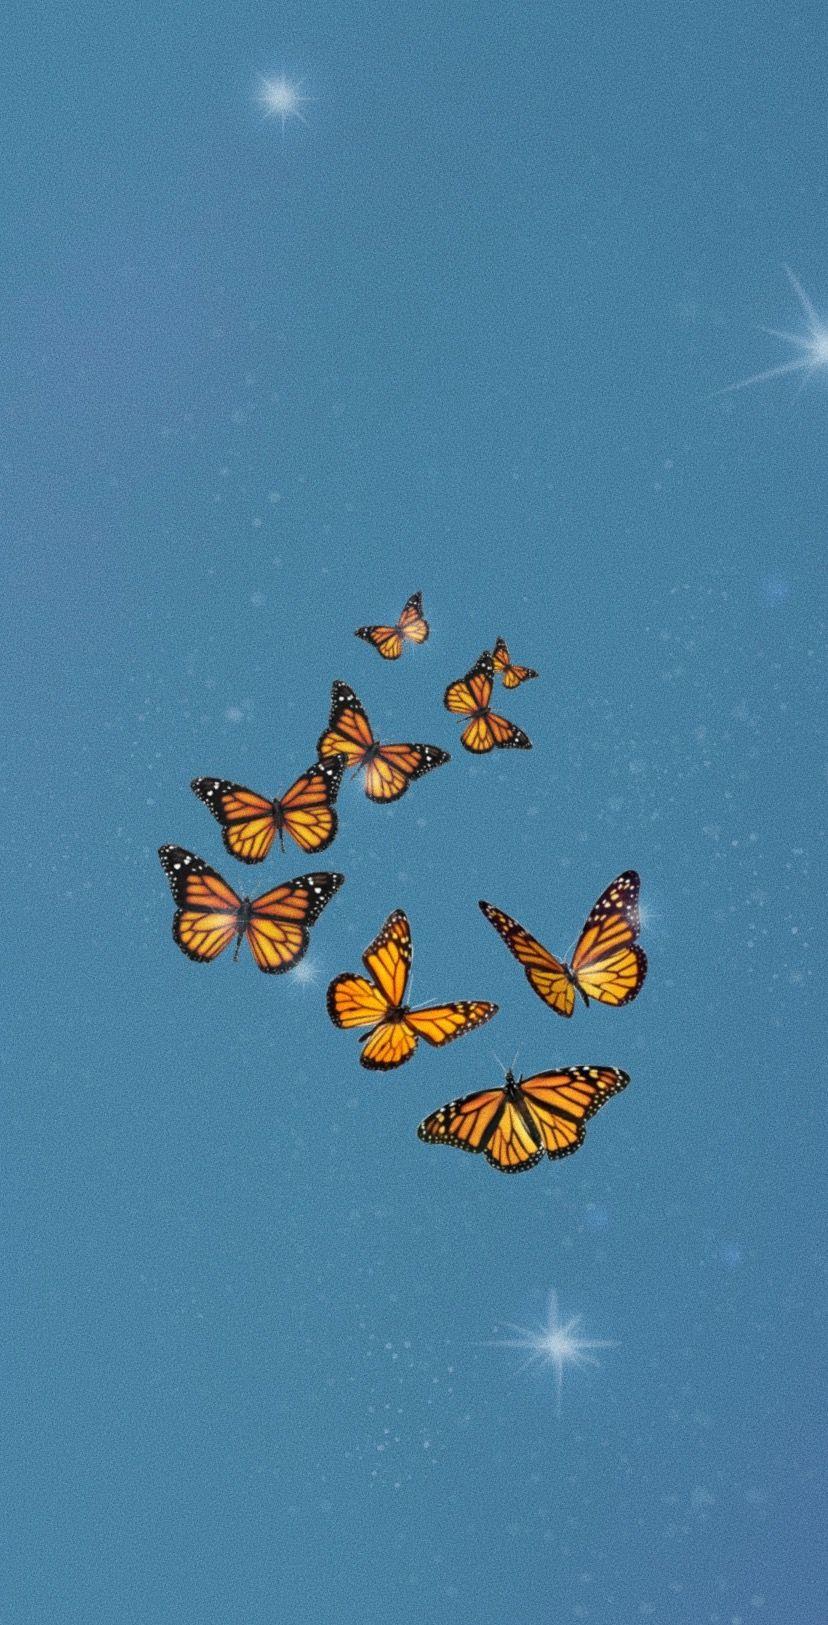 Butterflies Aesthetic Wallpaper In 2020 Butterfly Wallpaper Iphone Aesthetic Desktop Wallpaper Cute Patterns Wallpaper